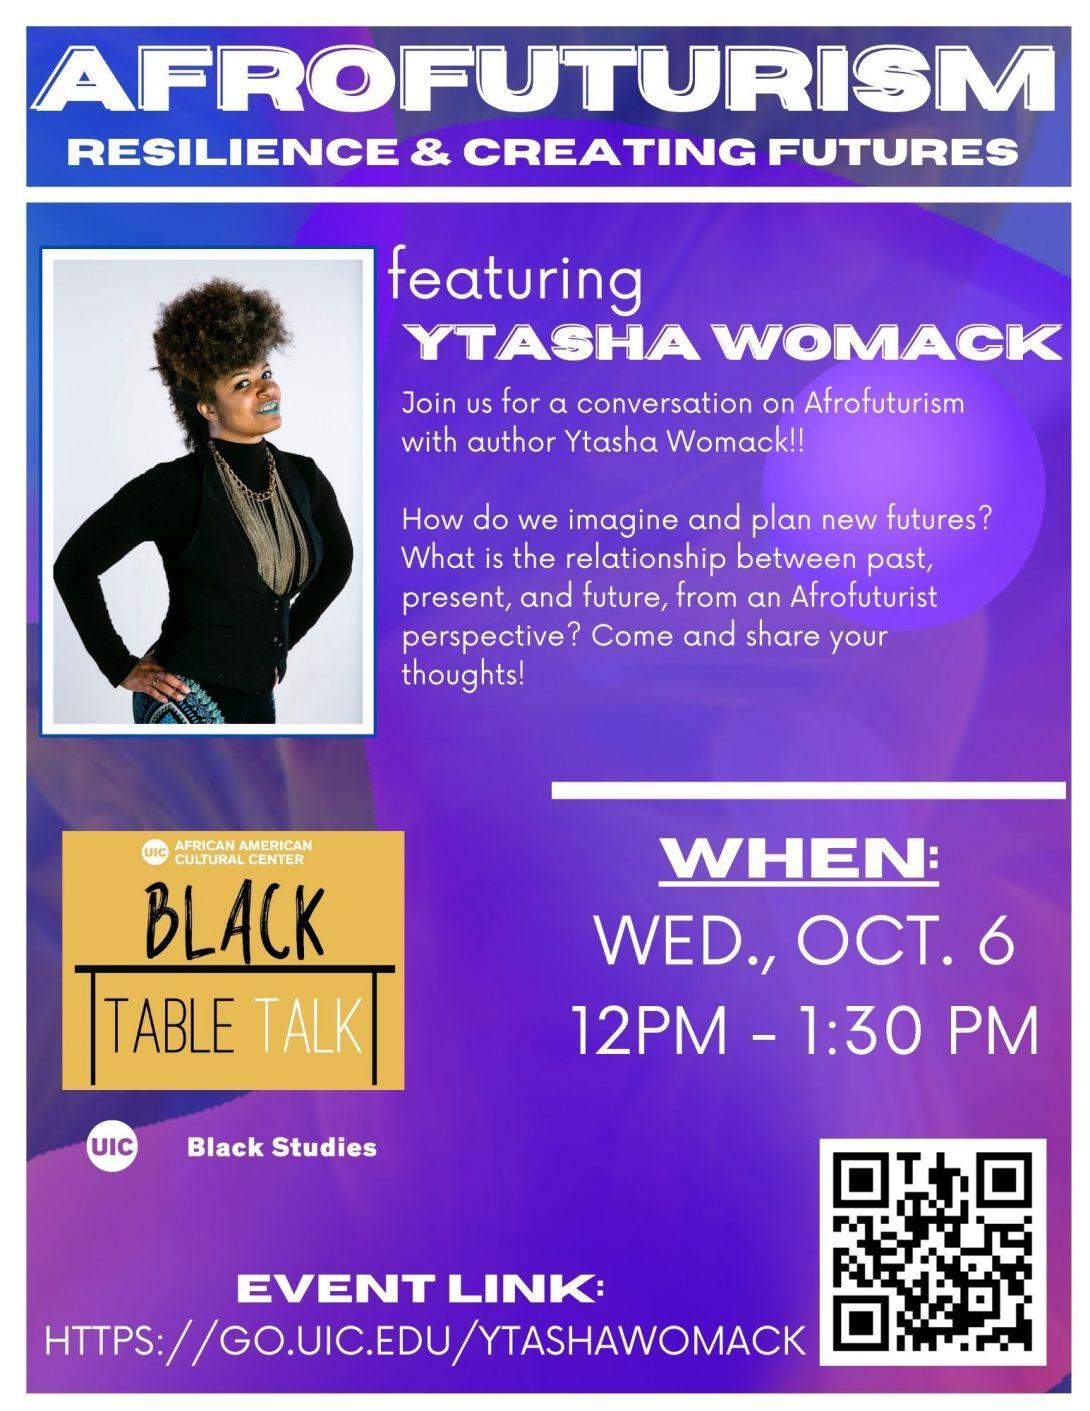 Black Table Talk